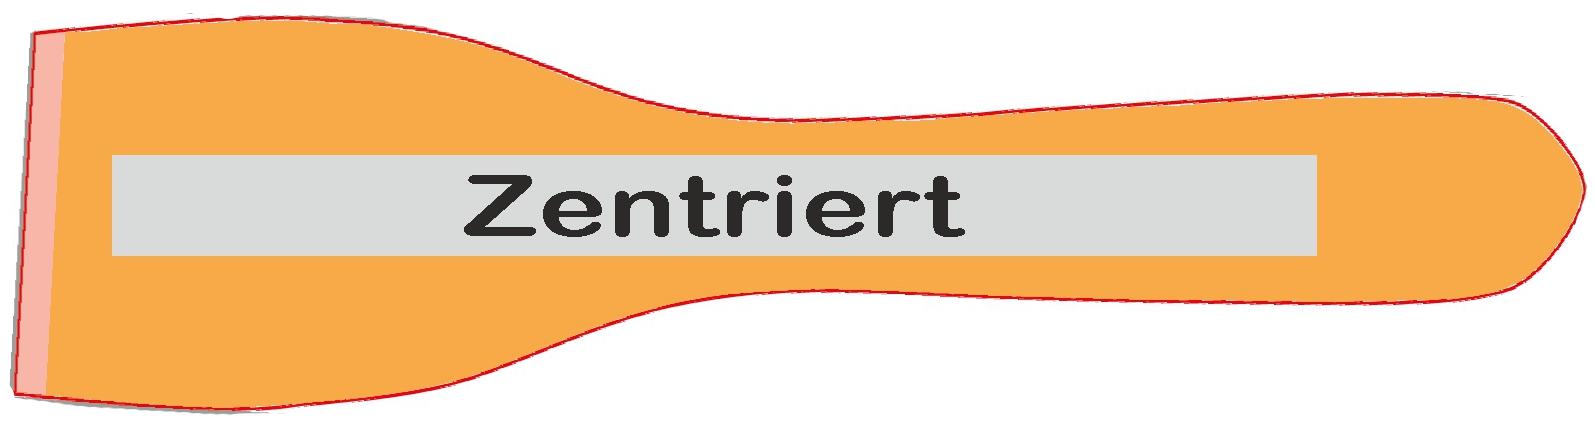 pfannenwender-textausrichtung-zentriert